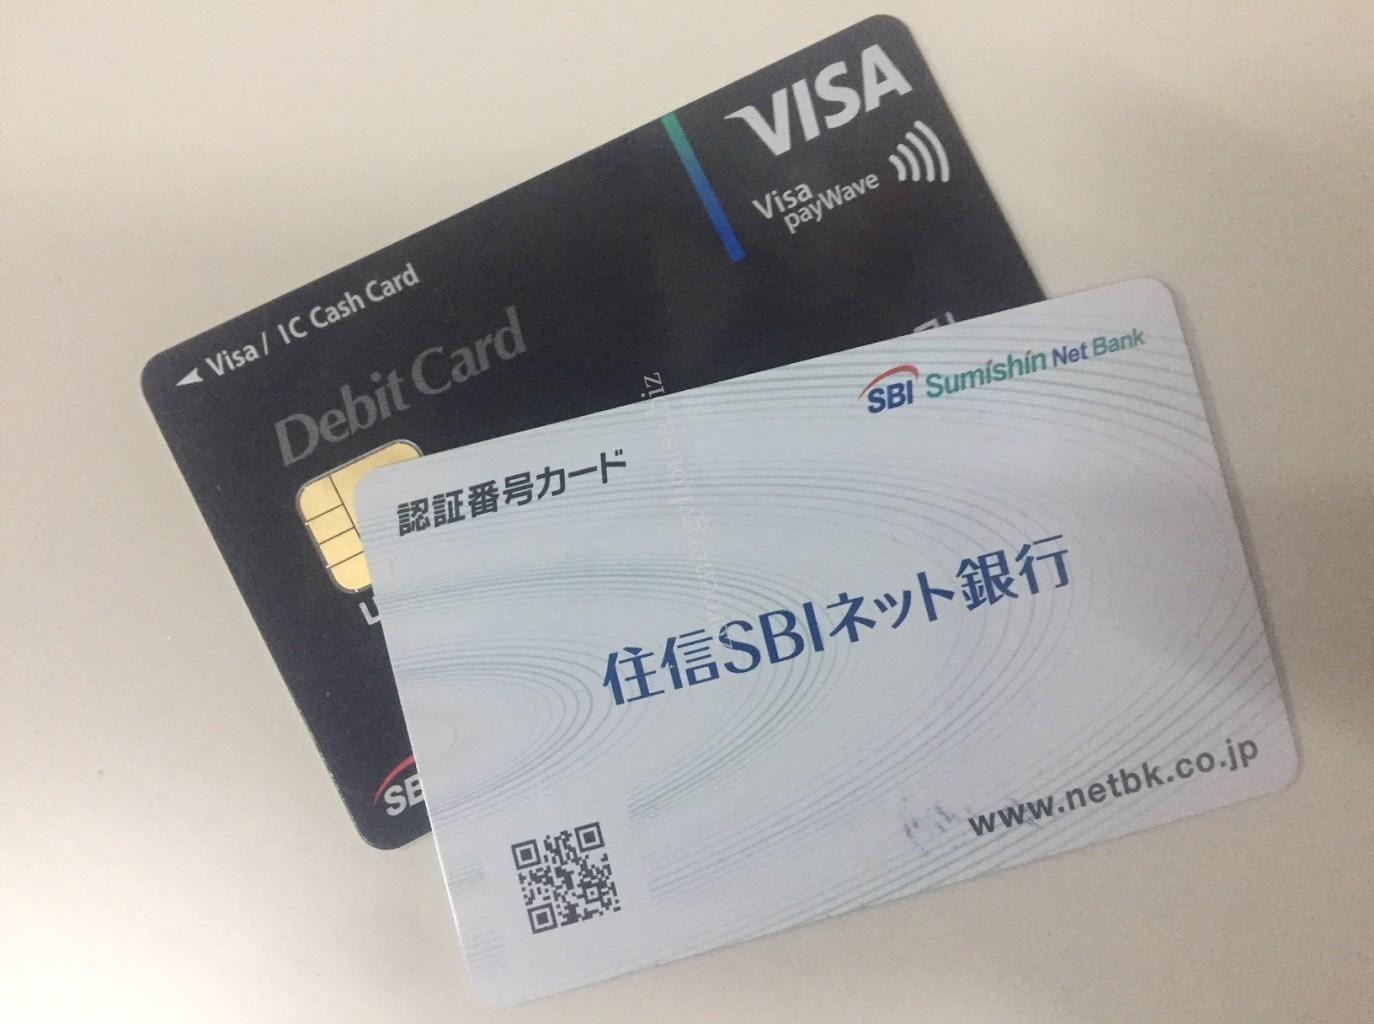 仮想通貨に最適なネット銀行住信SBIネット銀行